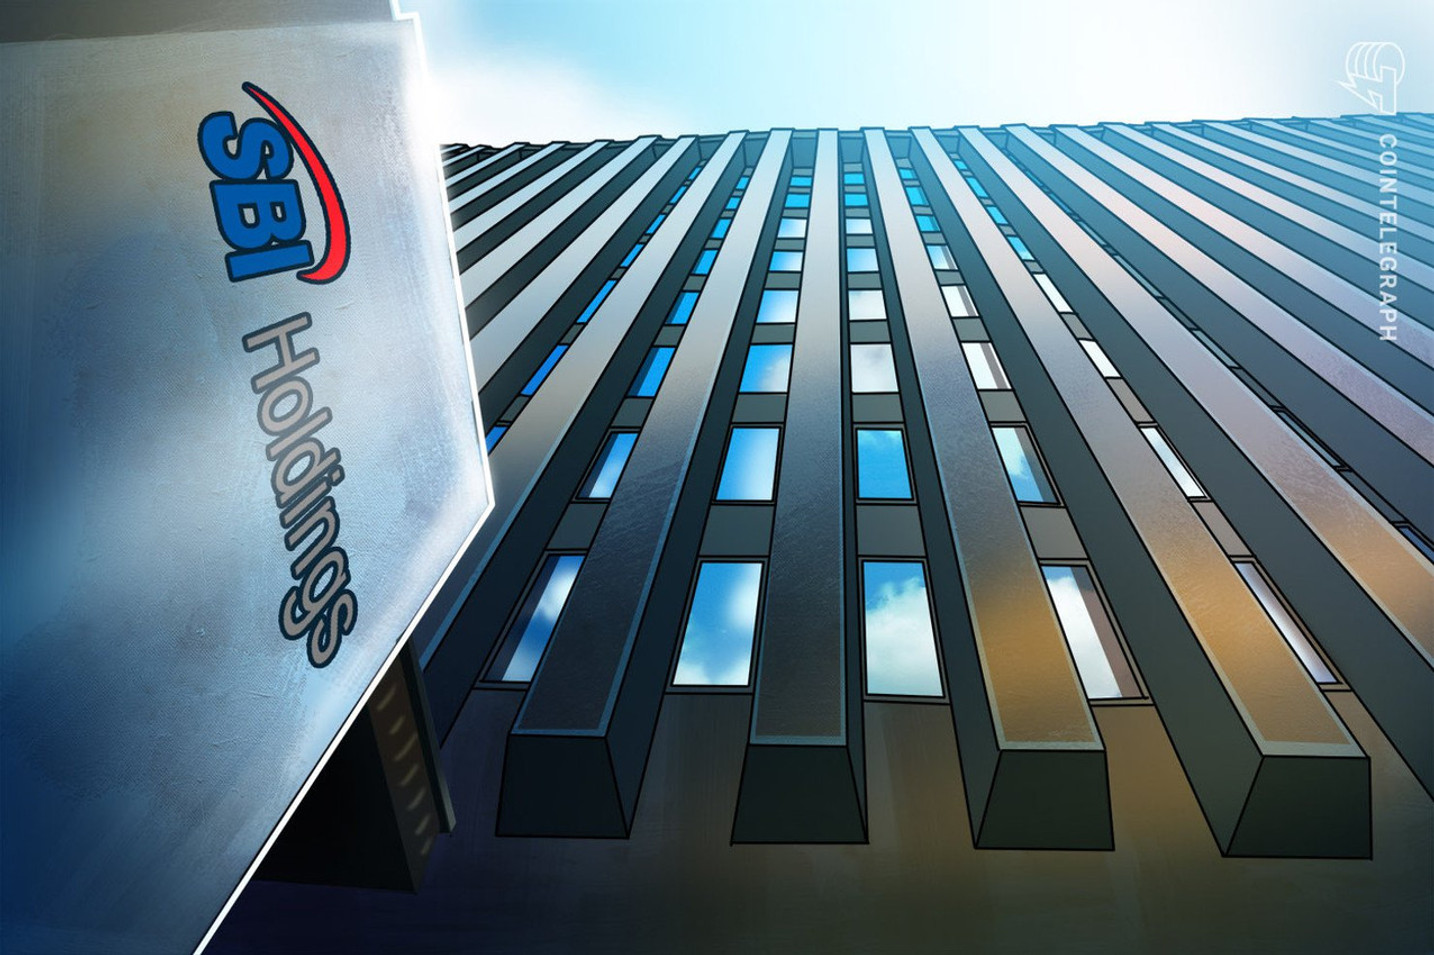 リップル訴追、「業績への影響は軽微」  SBIホールディングスが見解 | 株価急落で火消しか